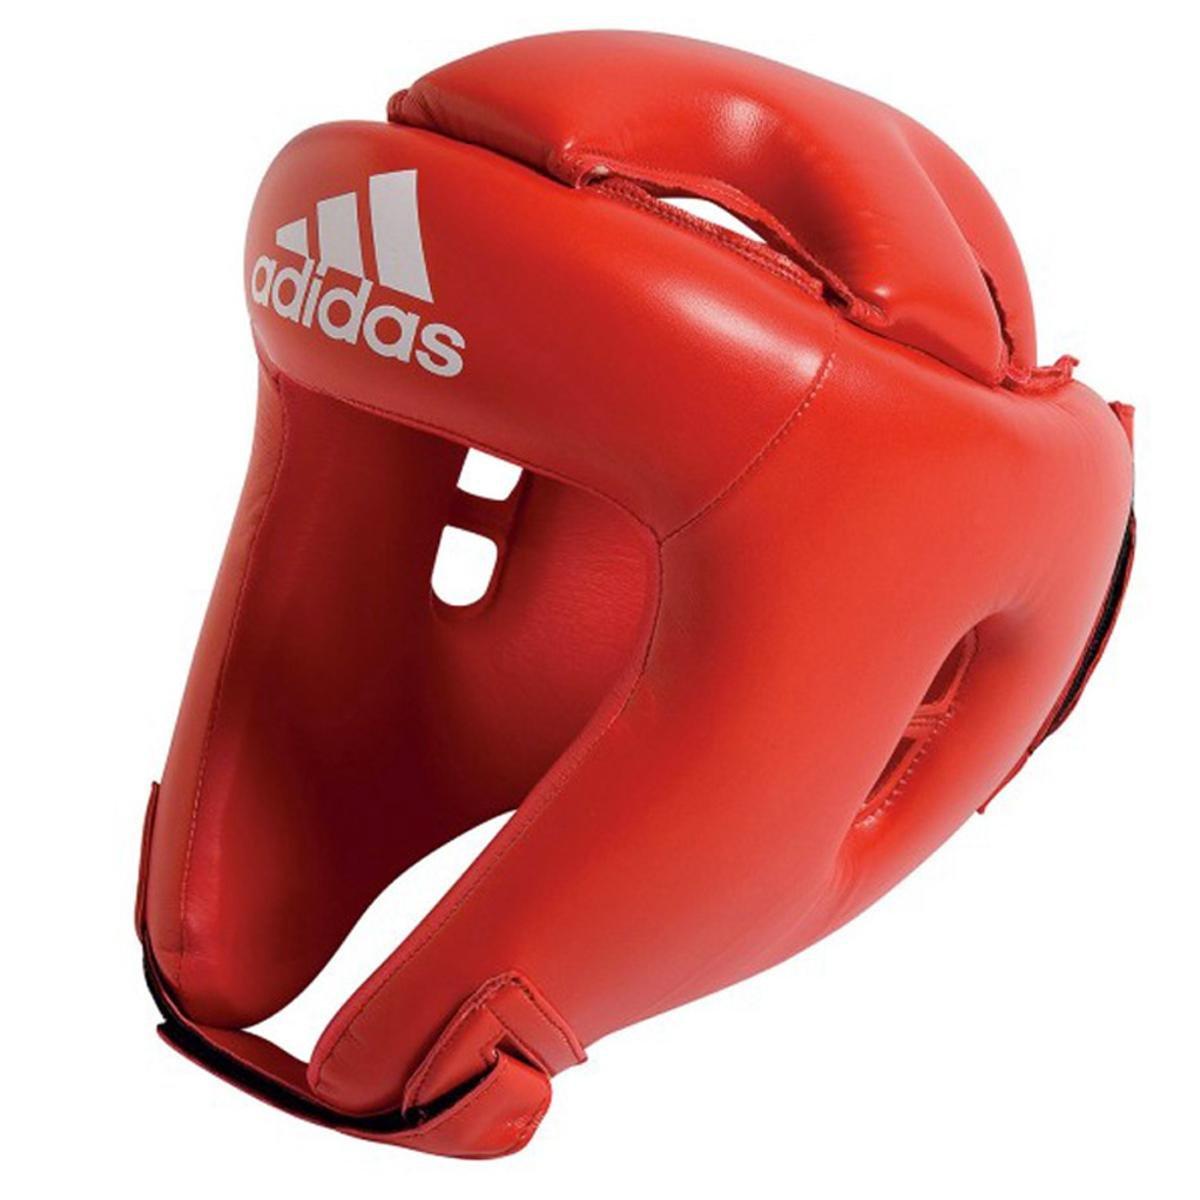 Protetor De Cabeça De Competição Adidas - Vermelho - Compre Agora ... f498e7ec67